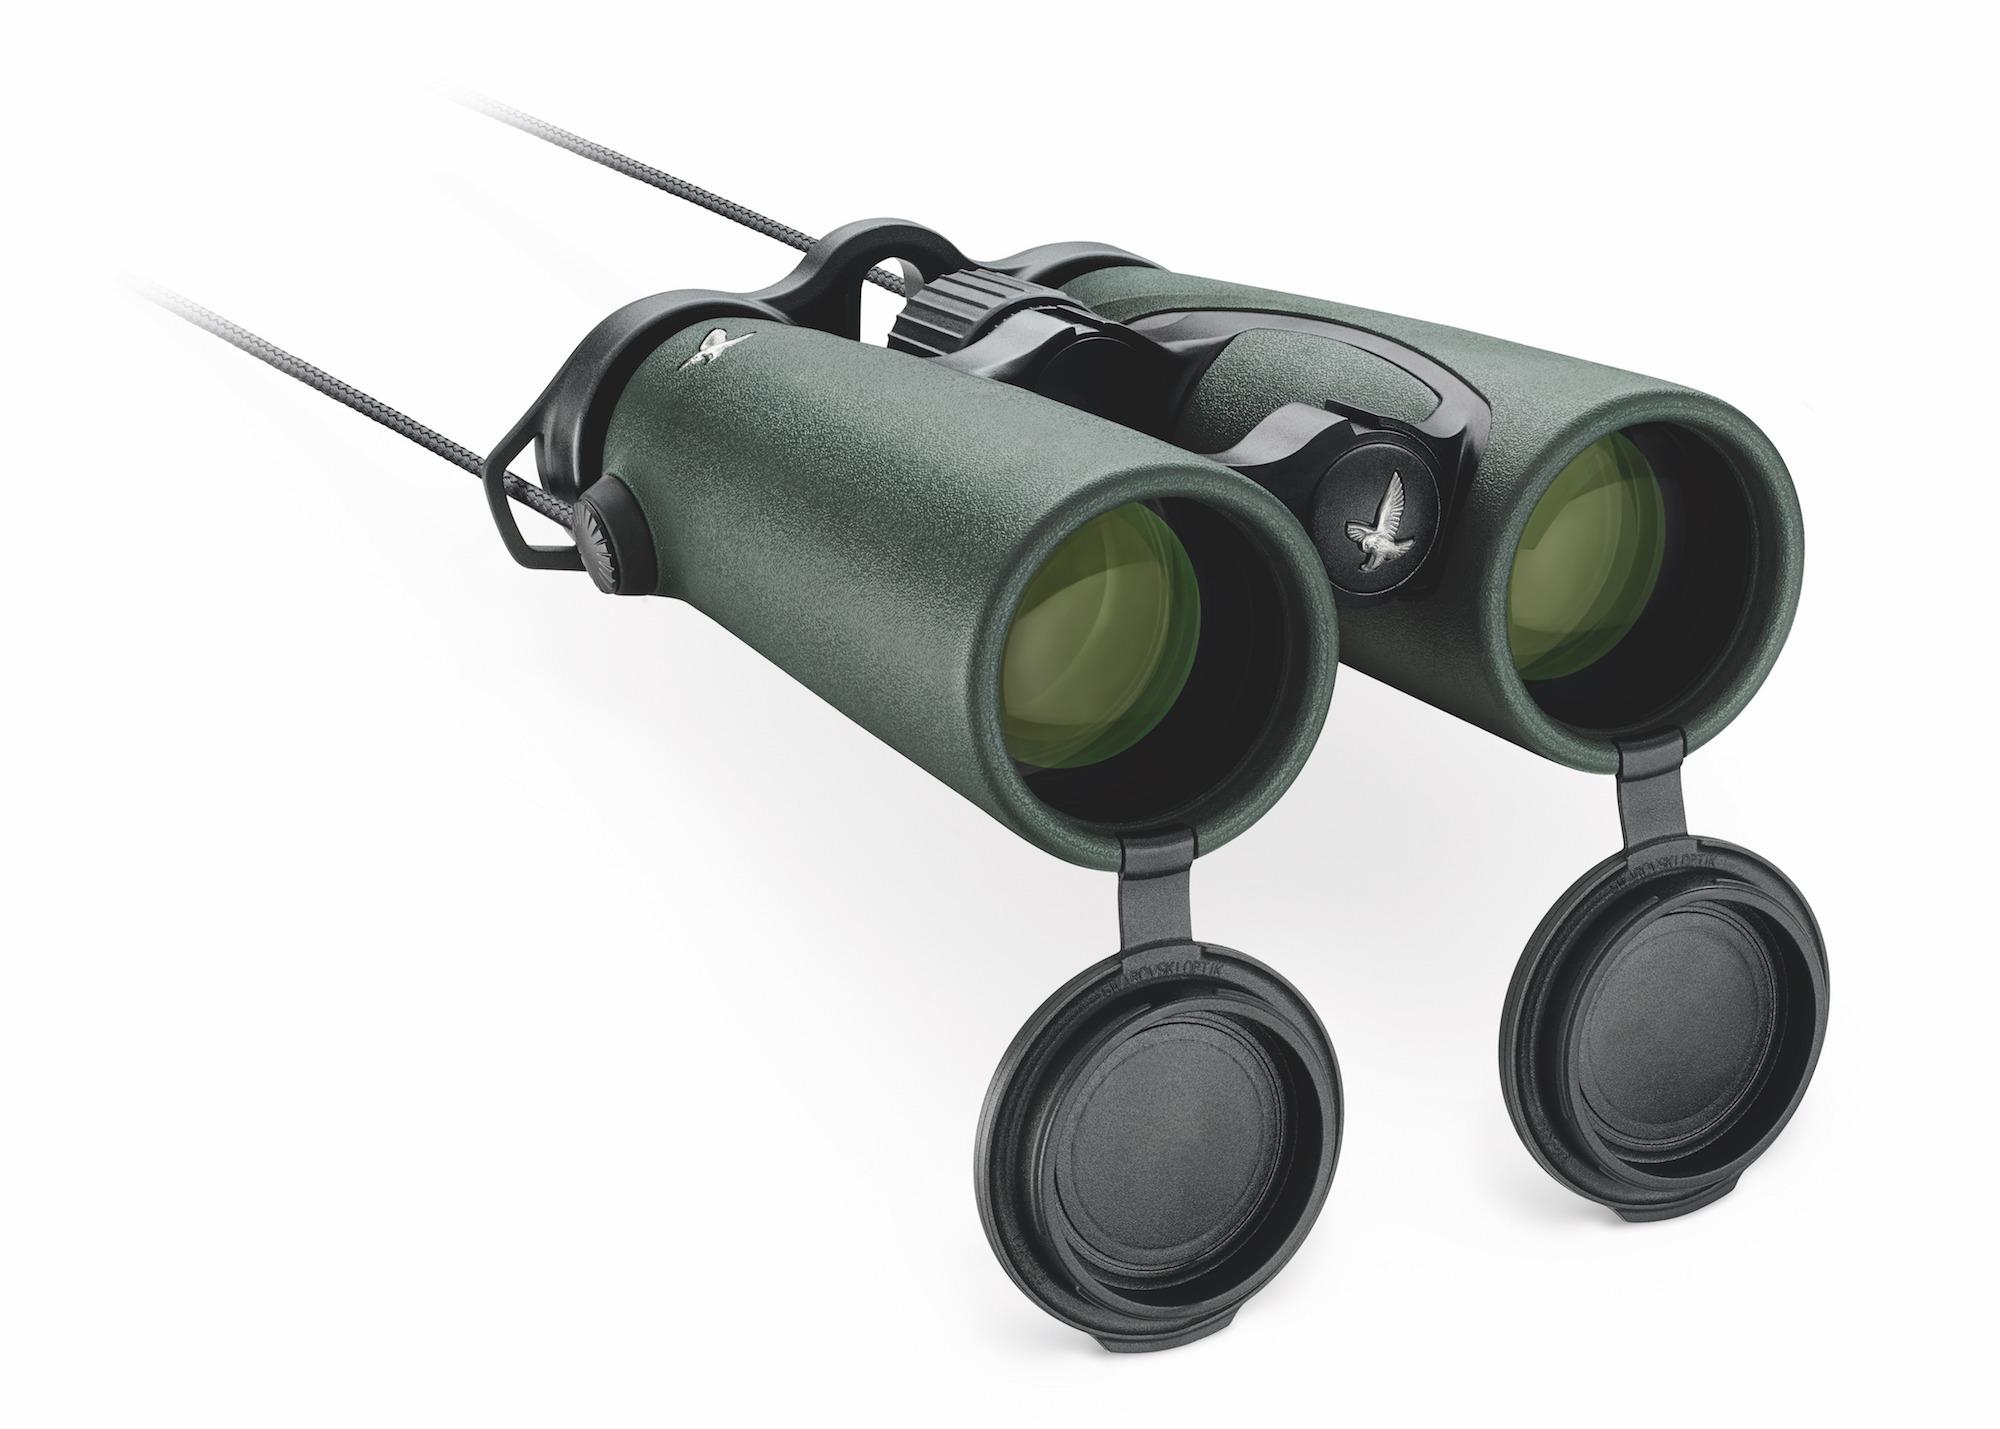 JÄger fernglas test das swarovski el optiken im test